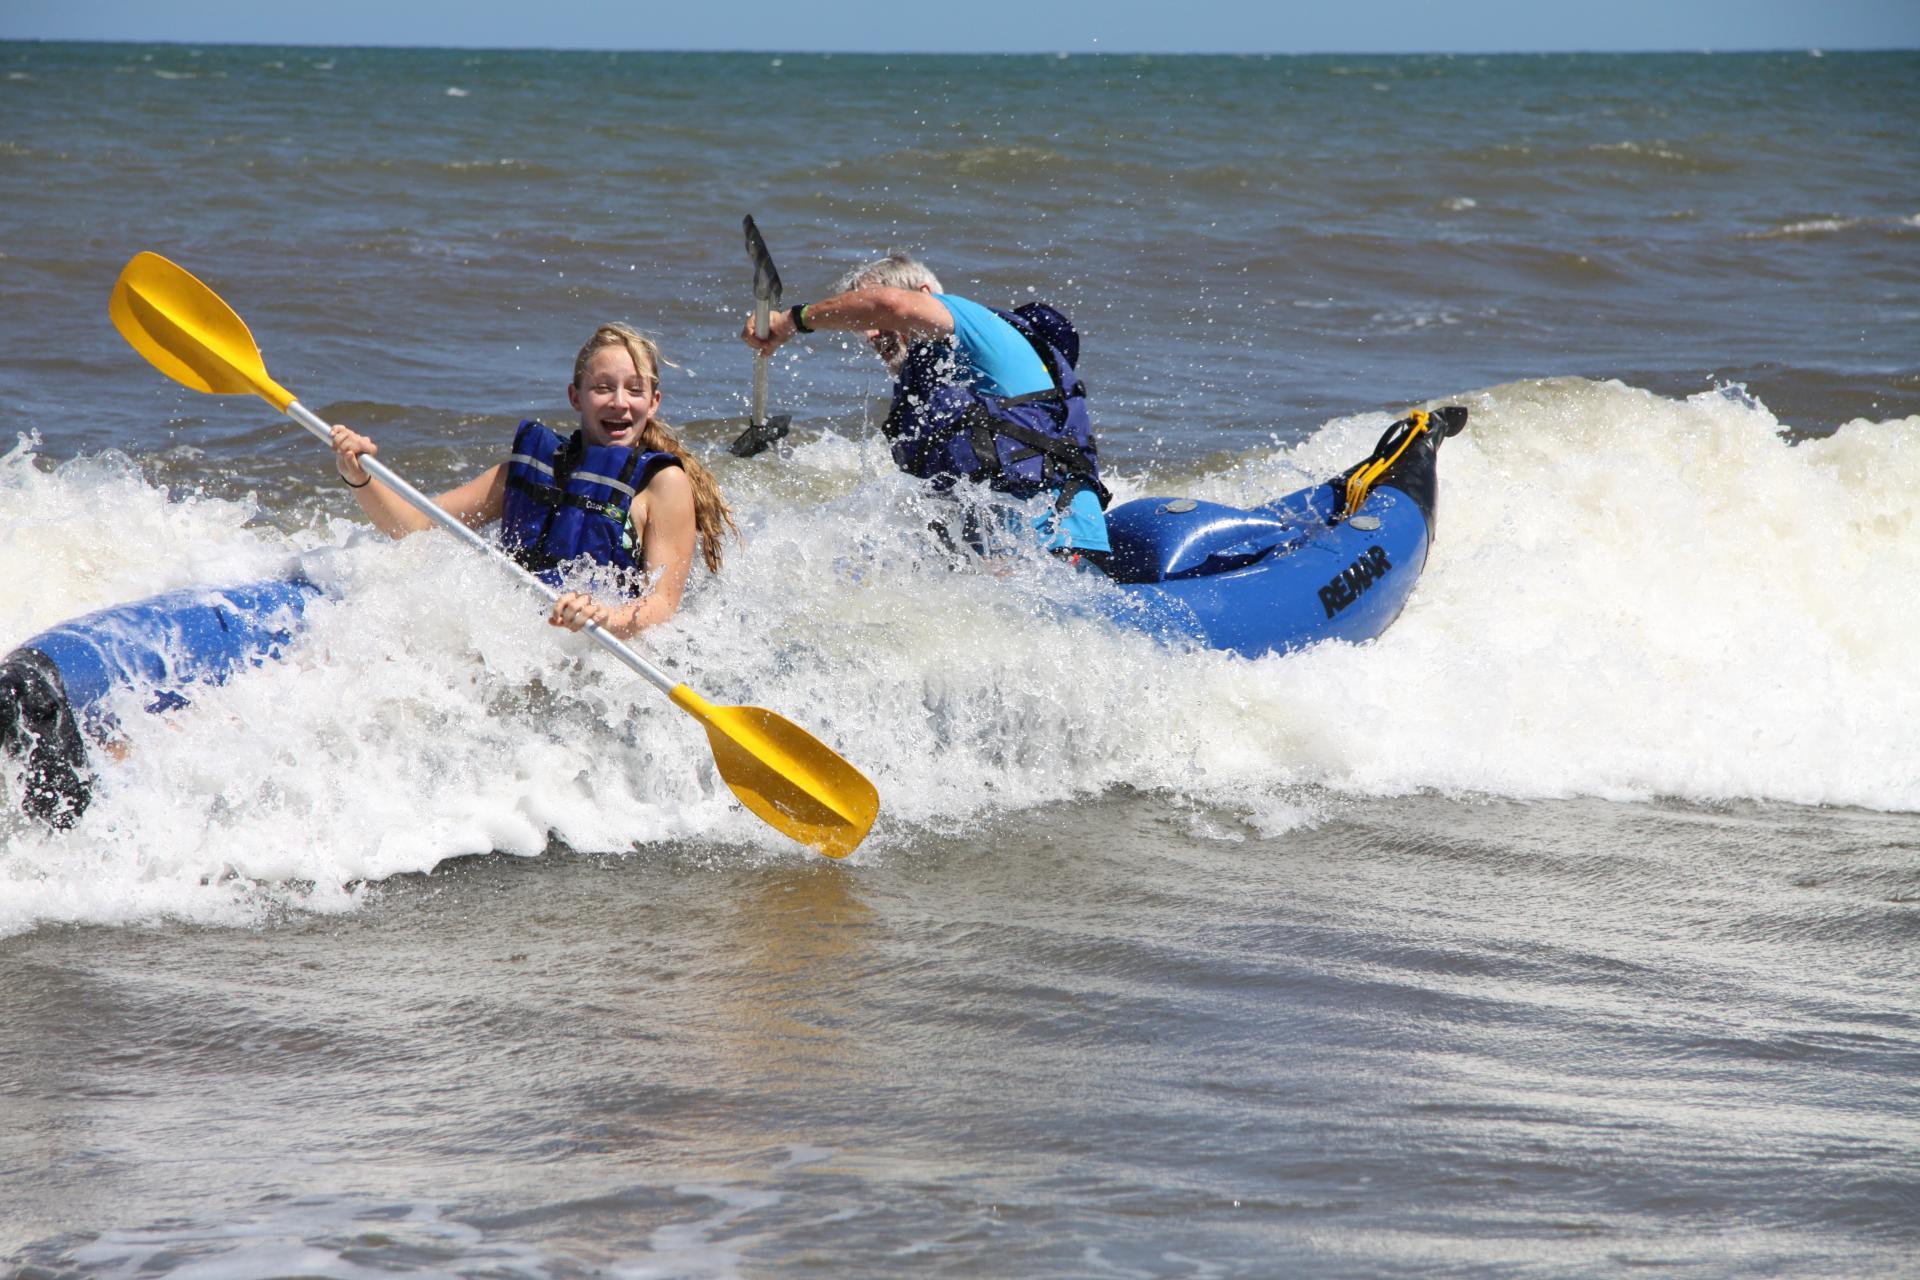 Zwei Kanuten im Abenteuer reiten auf dem Ausläufer einer Welle in Pratigi, Bahia